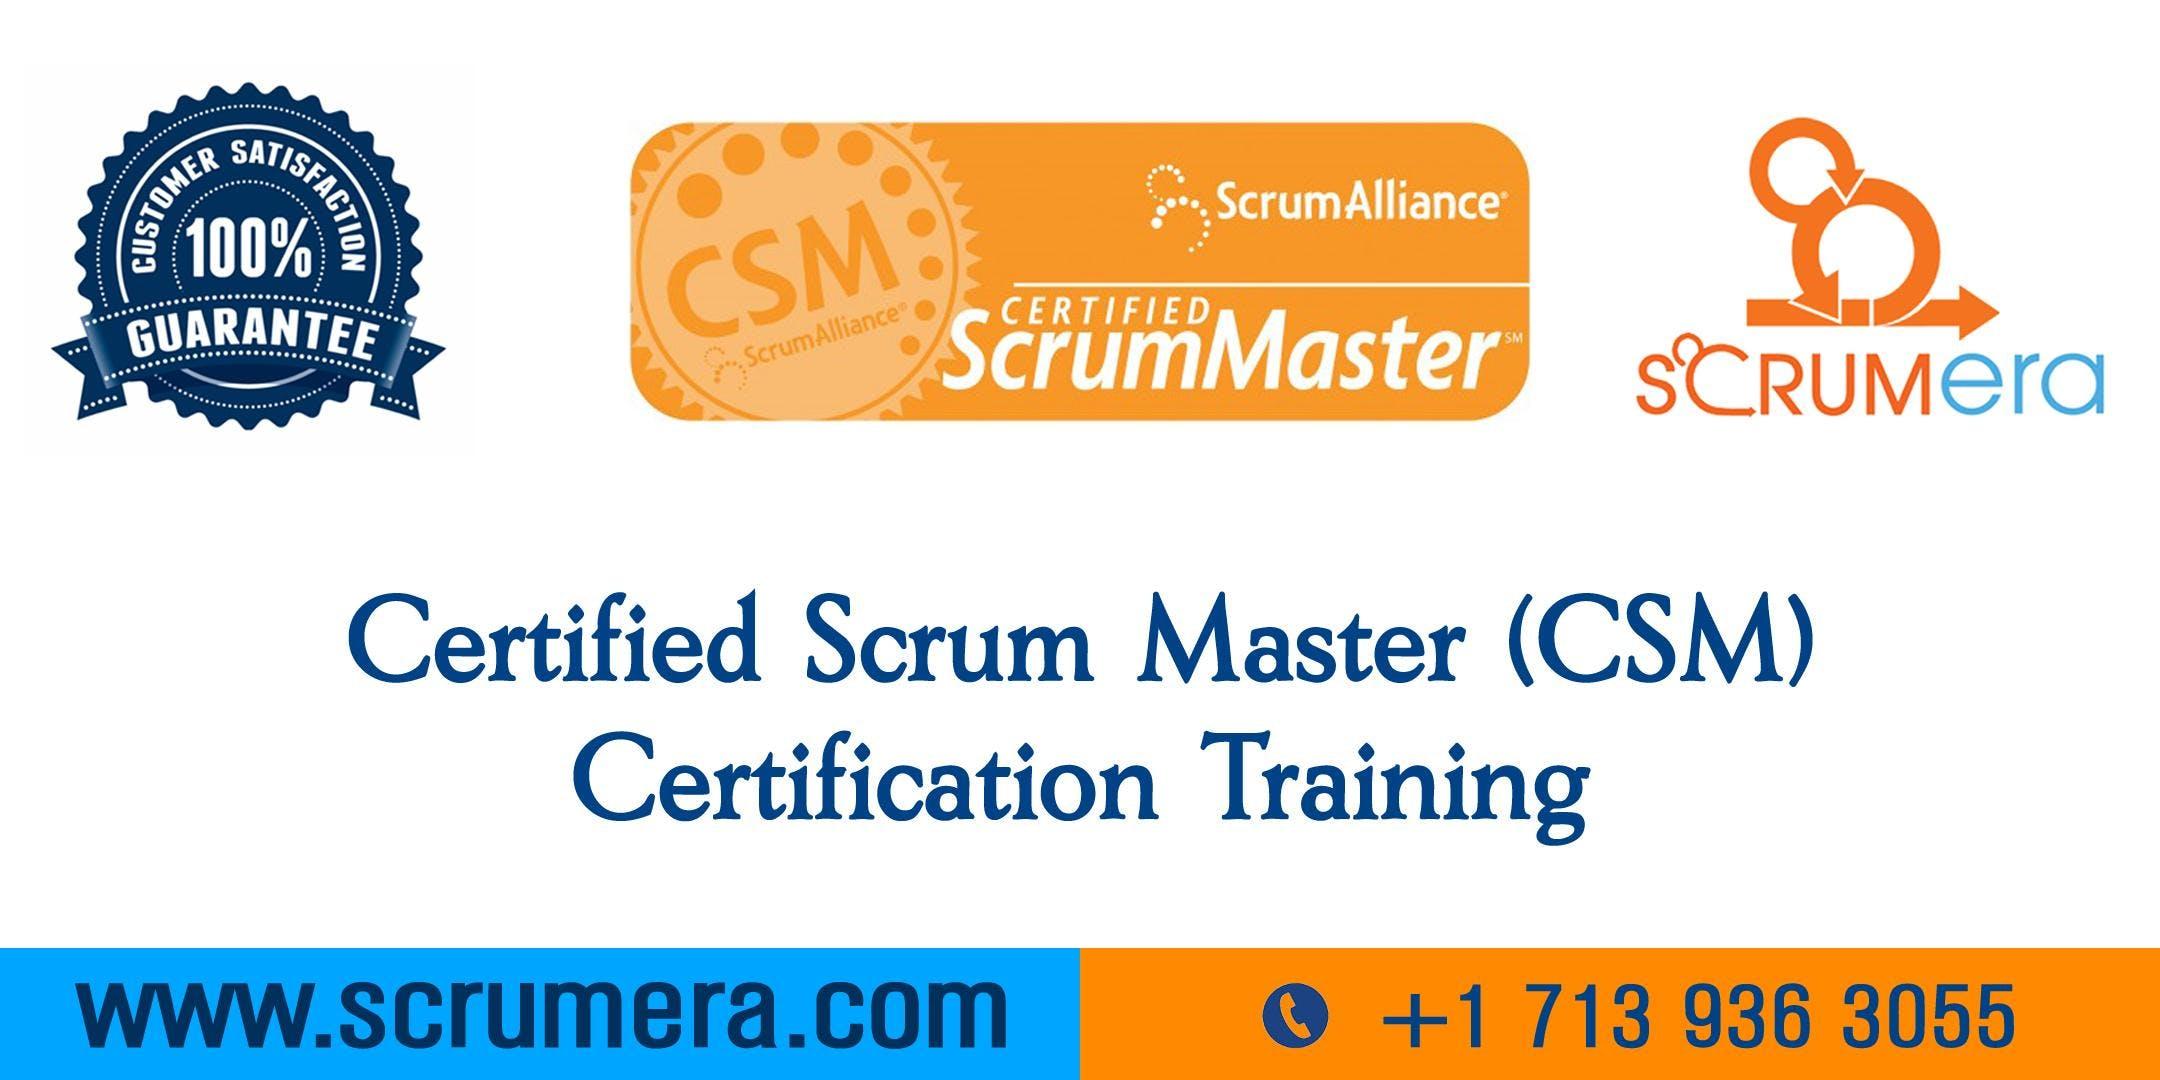 Scrum Master Certification   CSM Training   CSM Certification Workshop   Certified Scrum Master (CSM) Training in Austin, TX   ScrumERA